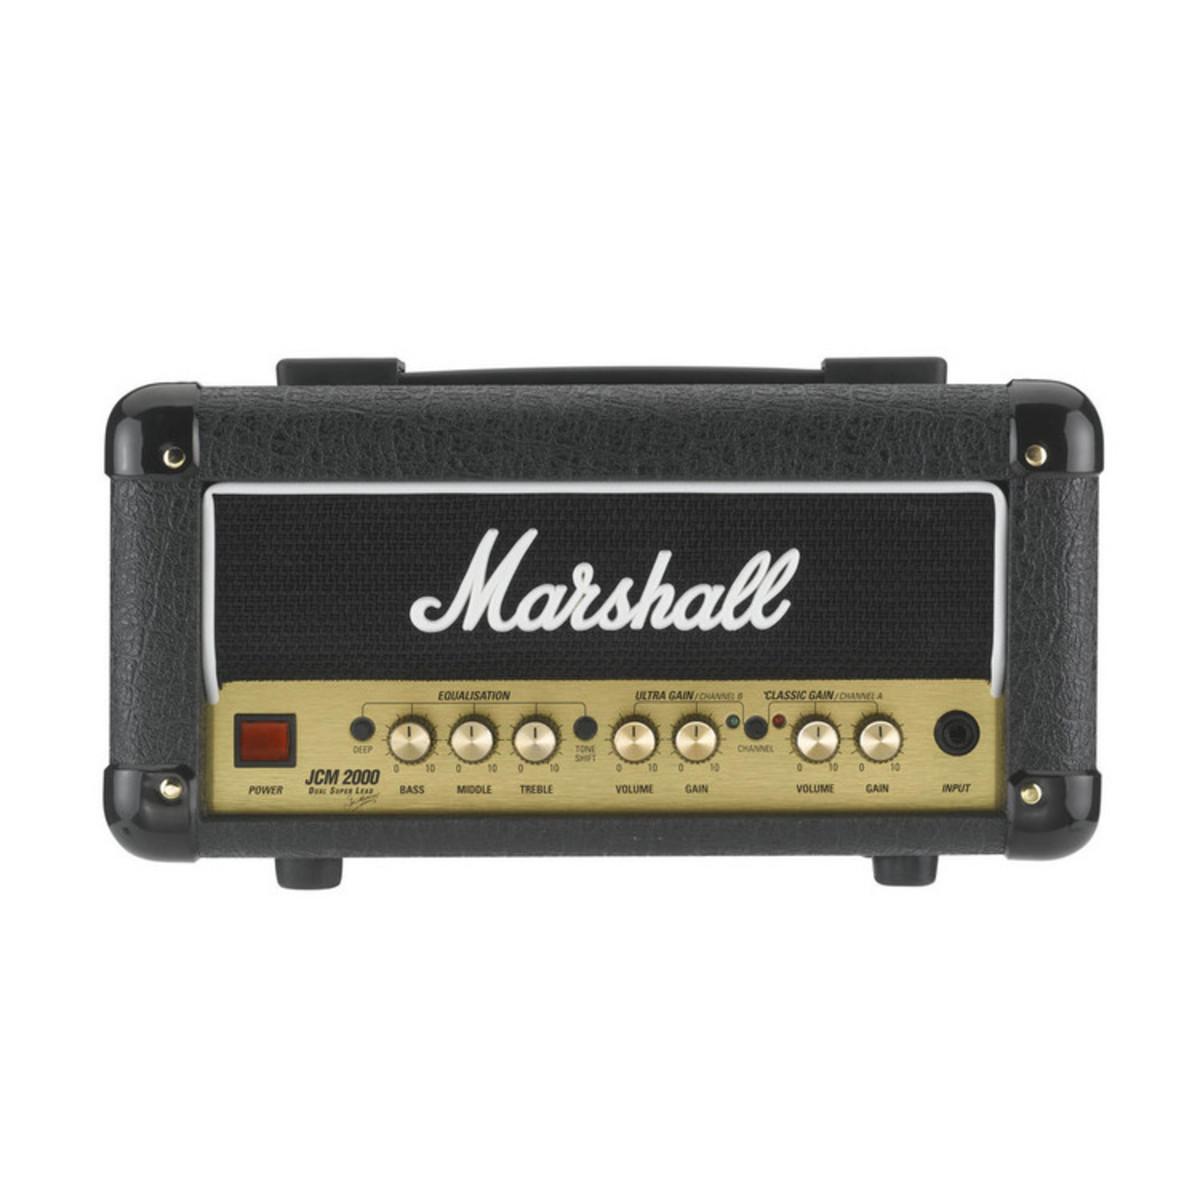 marshall dsl1h 1w valve guitar amp head at. Black Bedroom Furniture Sets. Home Design Ideas